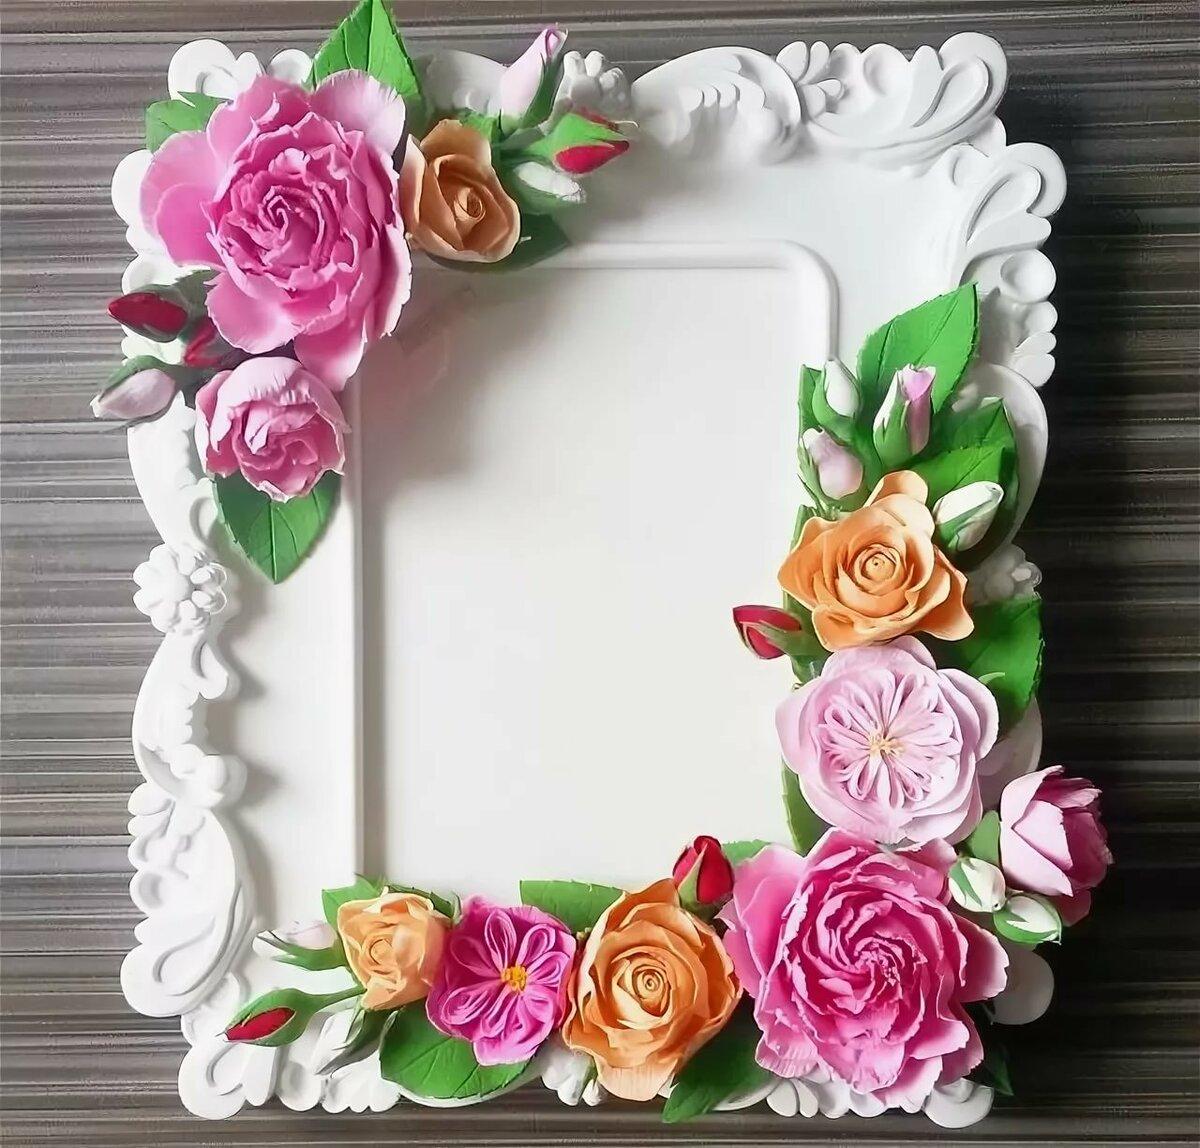 розы из фоамирана для рамки с фото тренировались отдельно